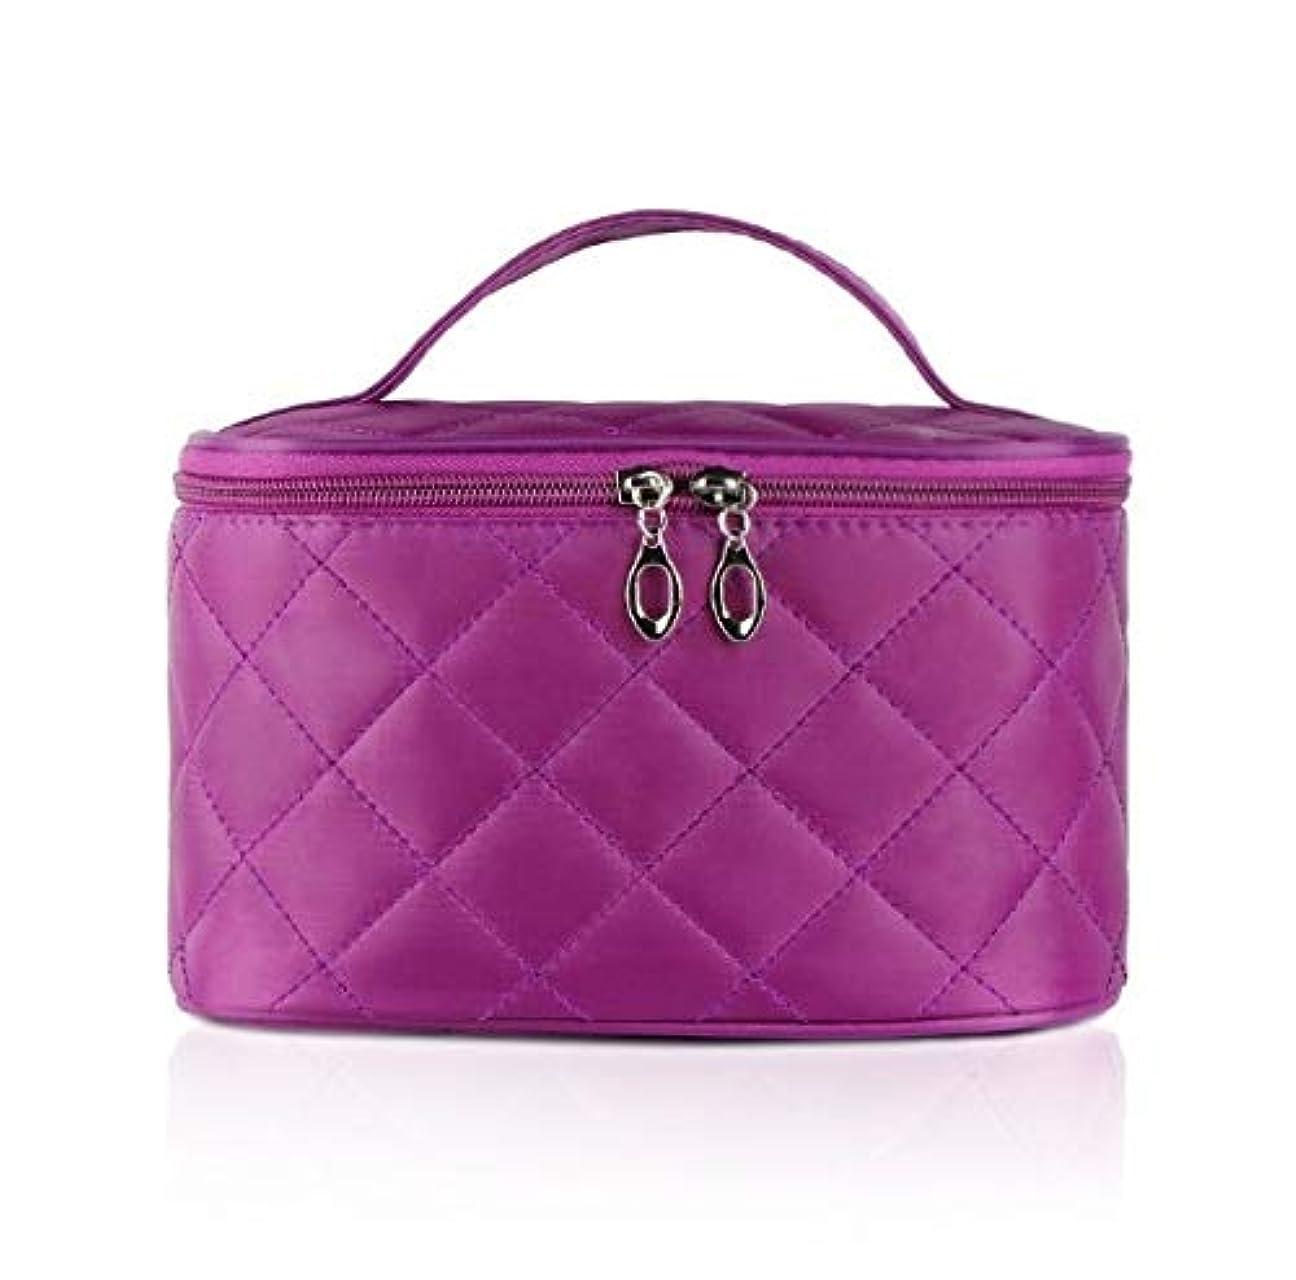 シネマ万一に備えて副産物化粧箱、簡単な菱形の正方形の携帯用化粧品袋、携帯用携帯用旅行化粧品の箱、美の釘の宝石類の収納箱 (Color : Purple)